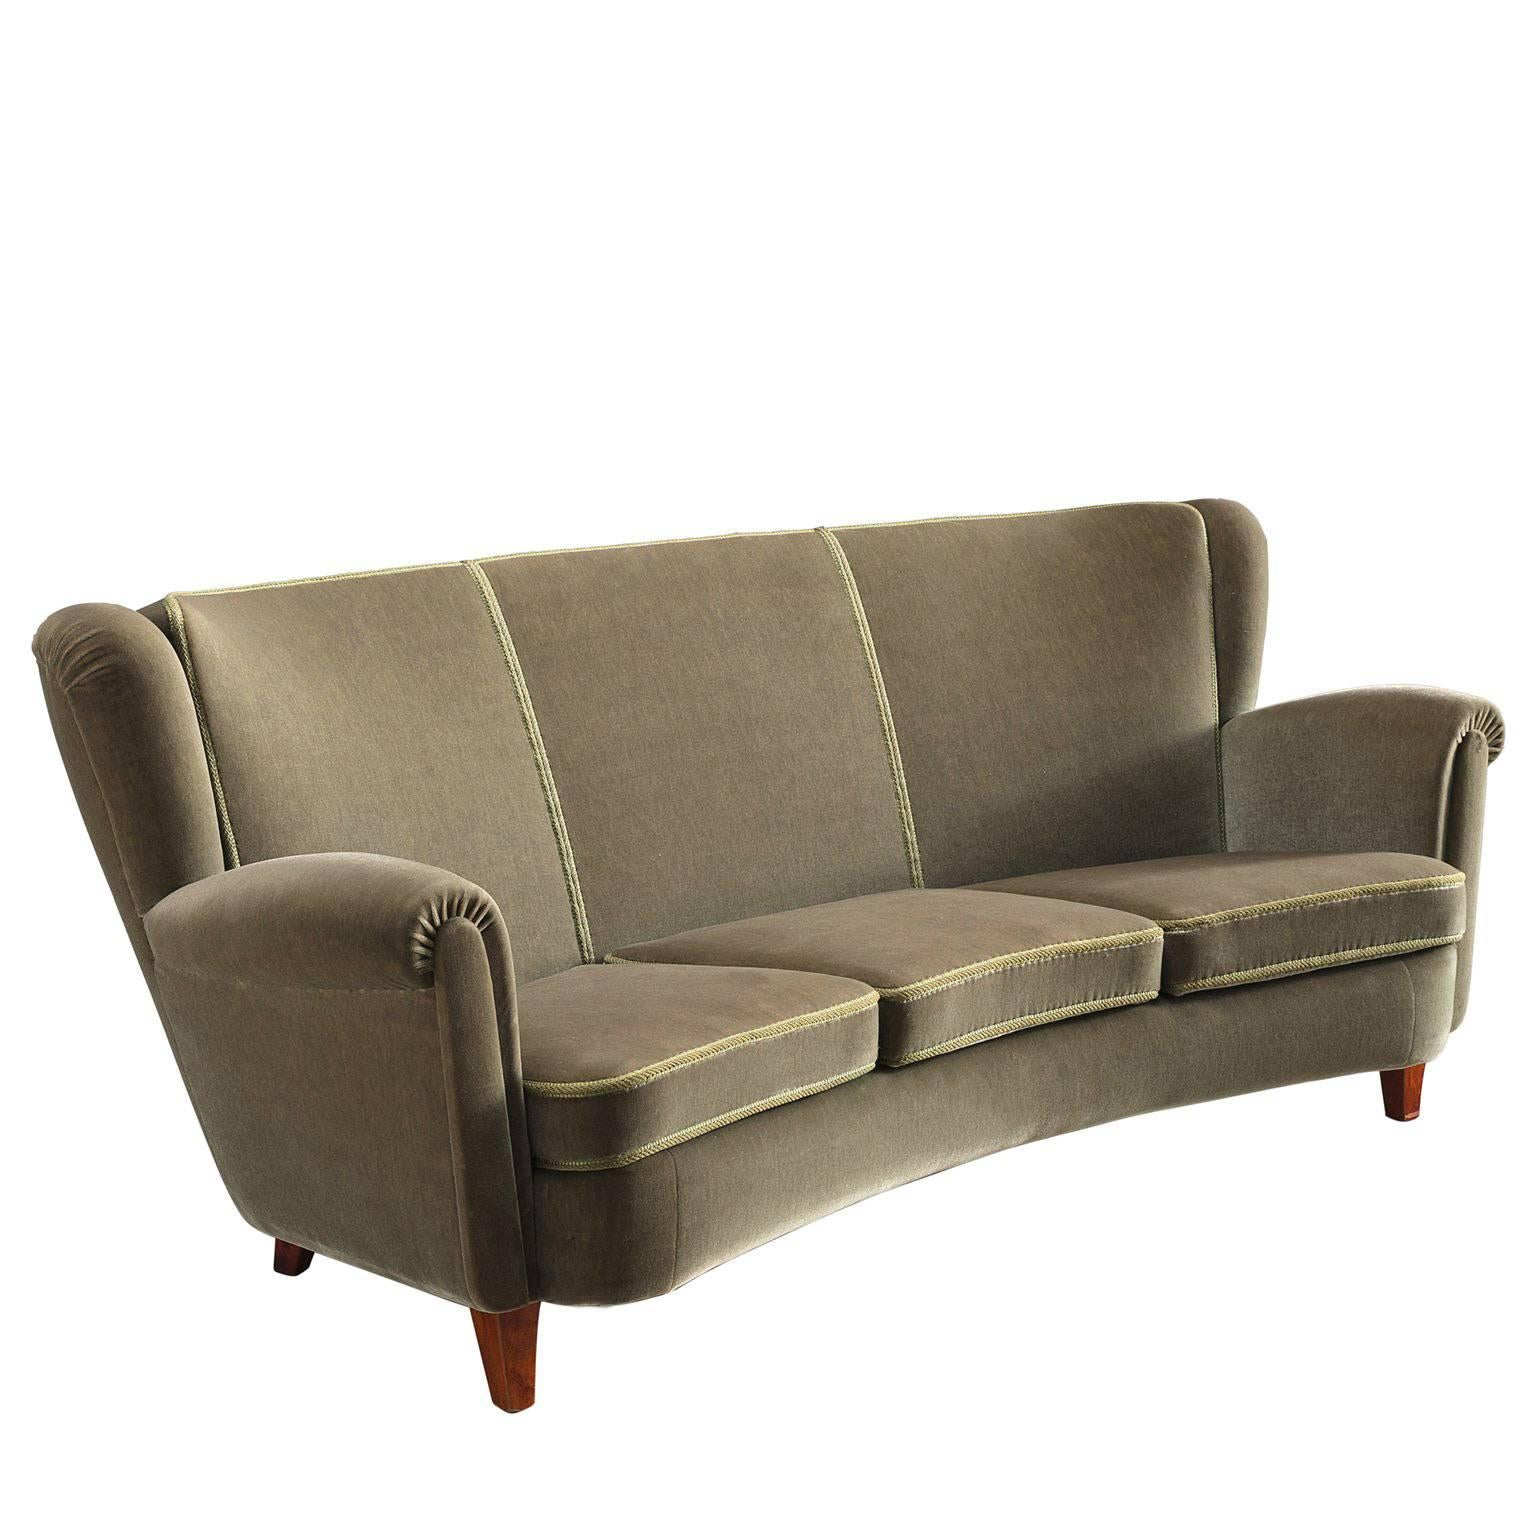 Renzo Zavanella Important Sofa From Hotel San Remo Light Fabric - San-remo-contemporary-leather-sofa